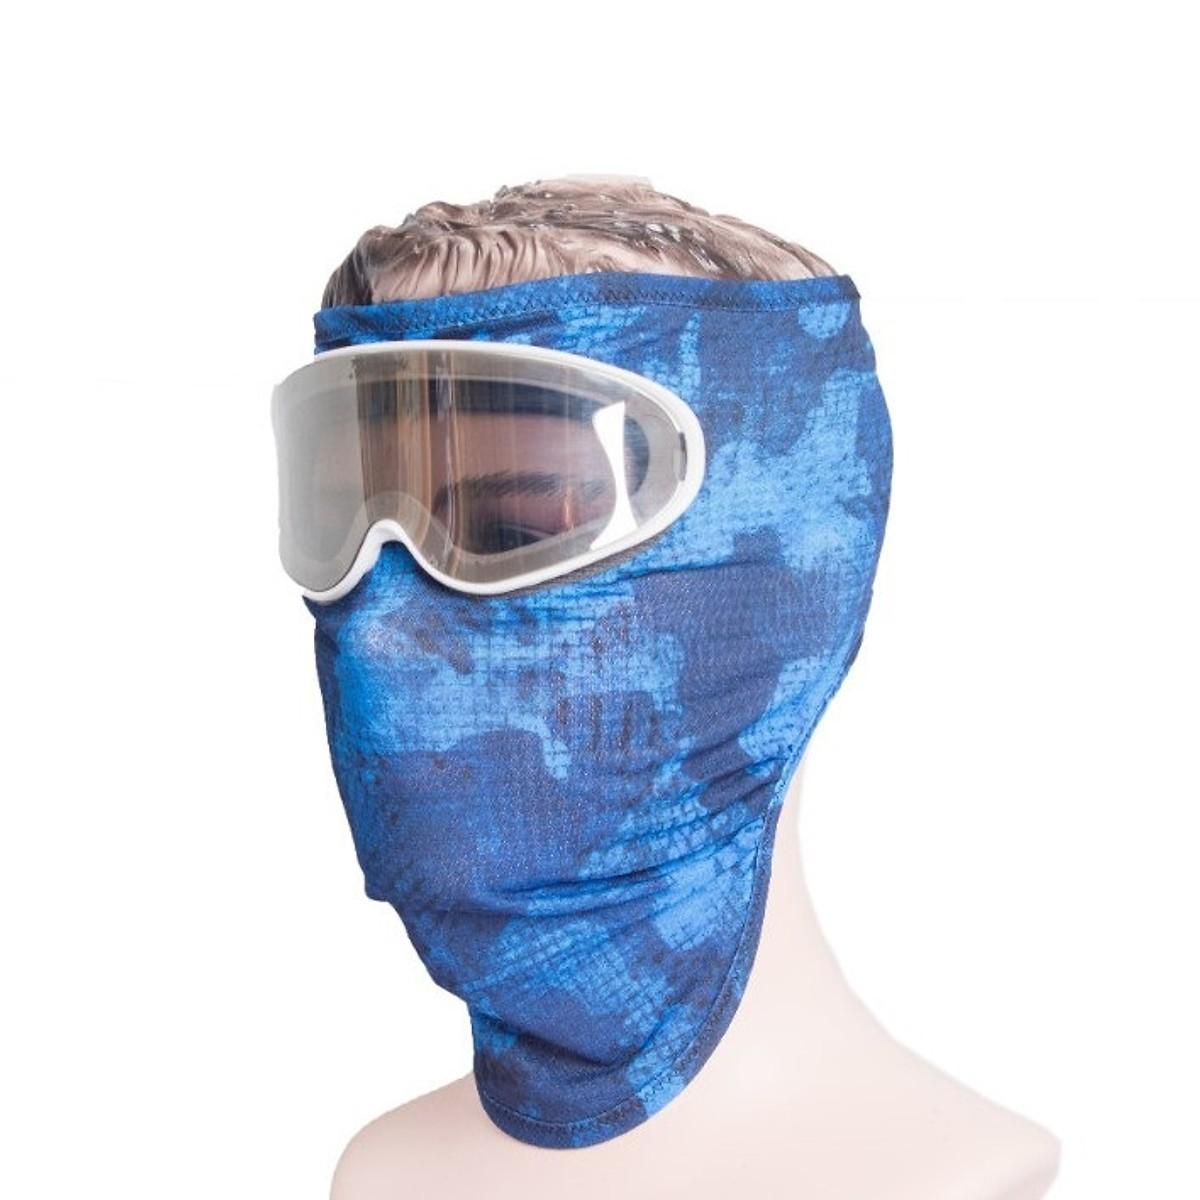 Mặt Nạ Khẩu Trang Kính Bảo Hộ Chống Tia UV